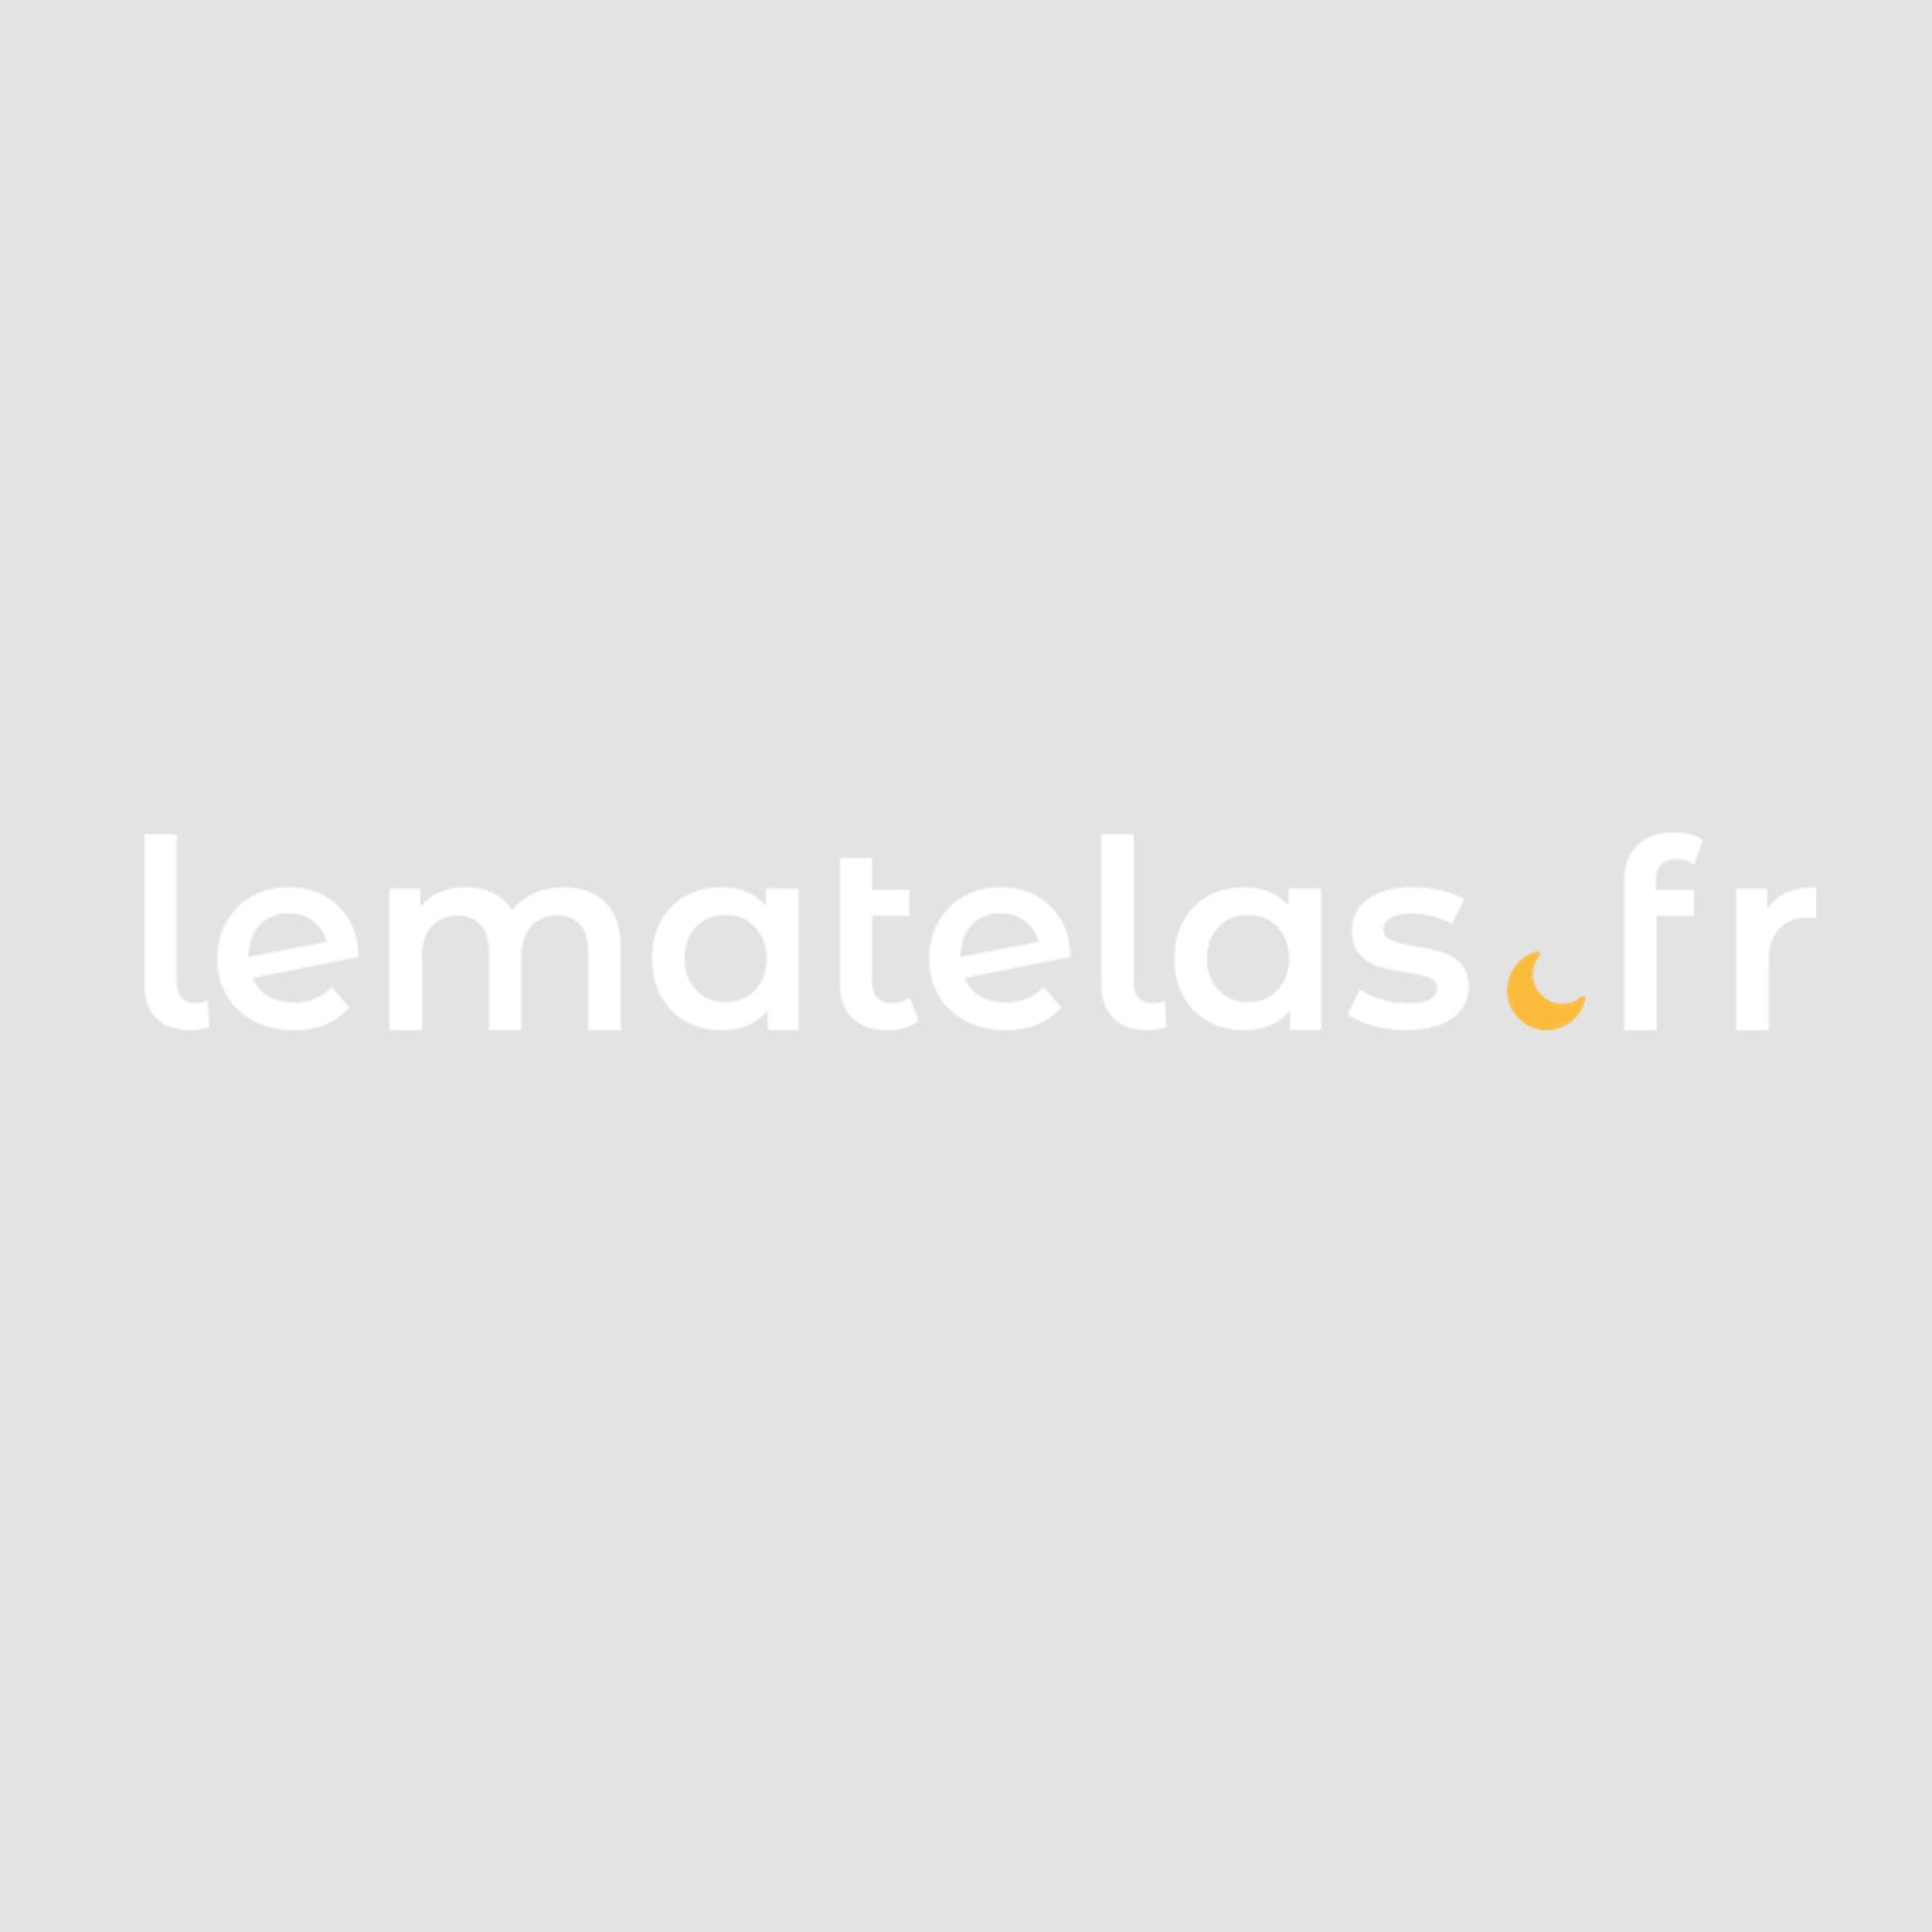 Bureau en bois blanc et imitation chêne - BU0004